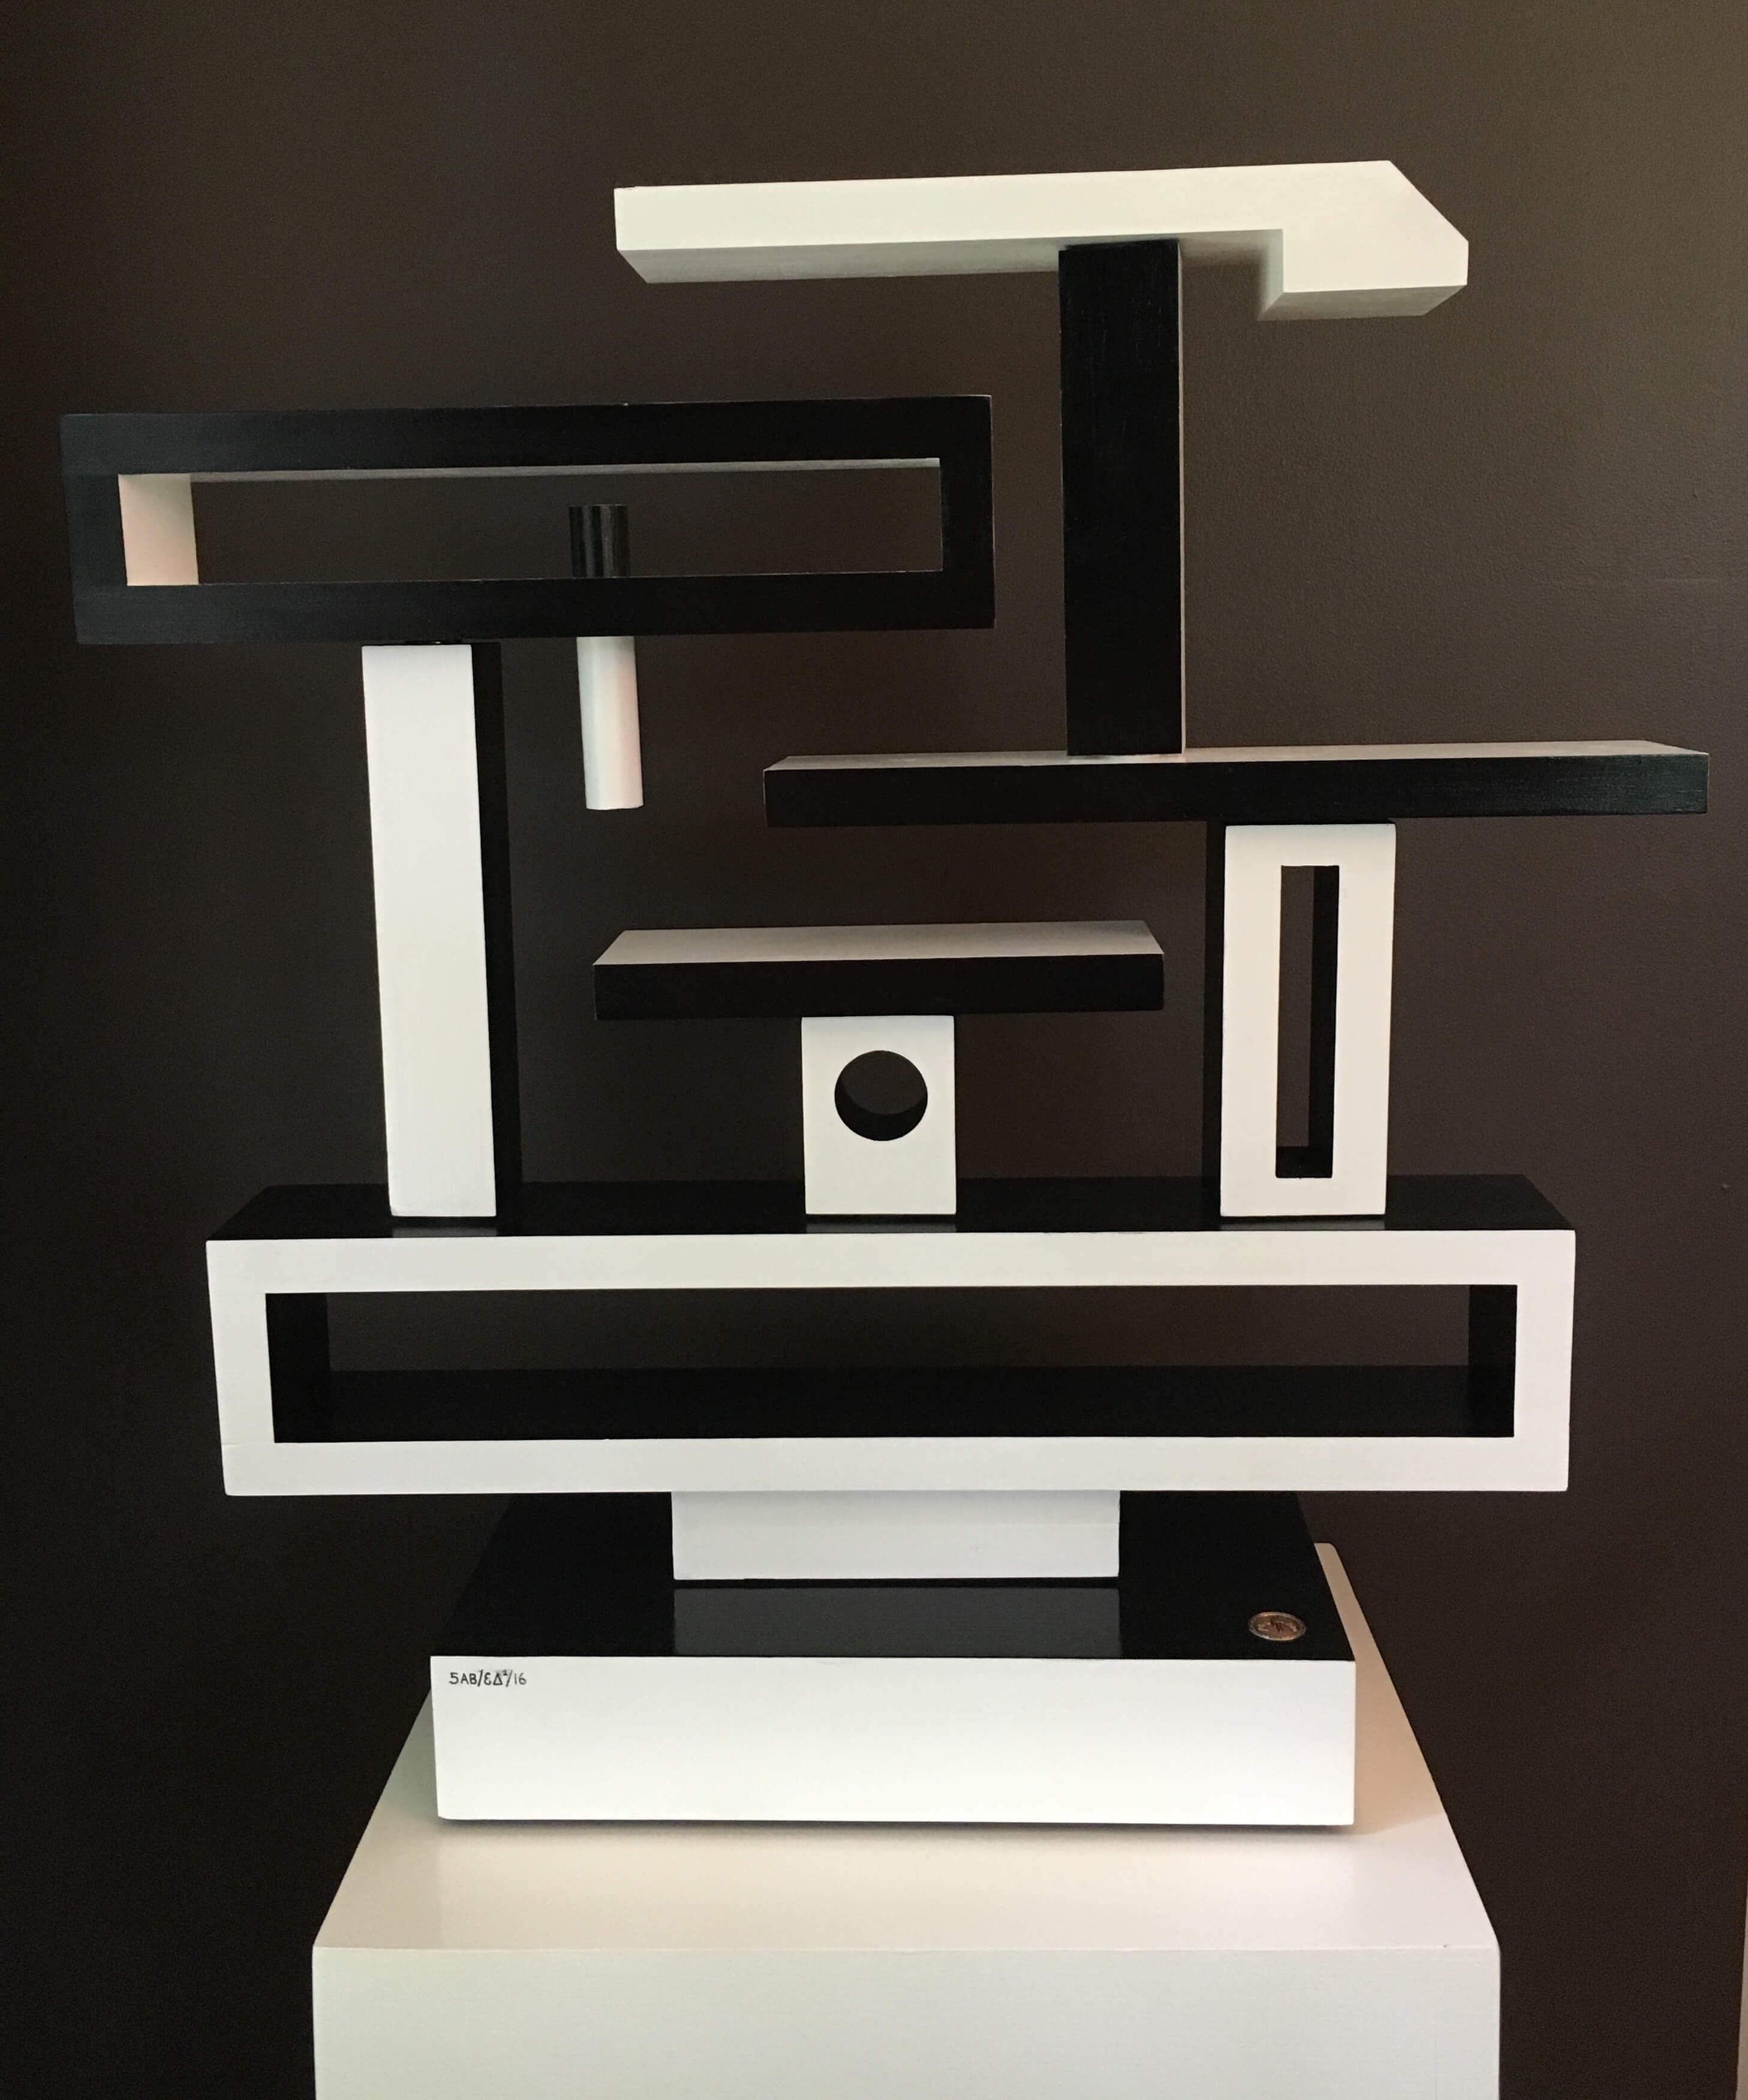 AB 5 Sculpture